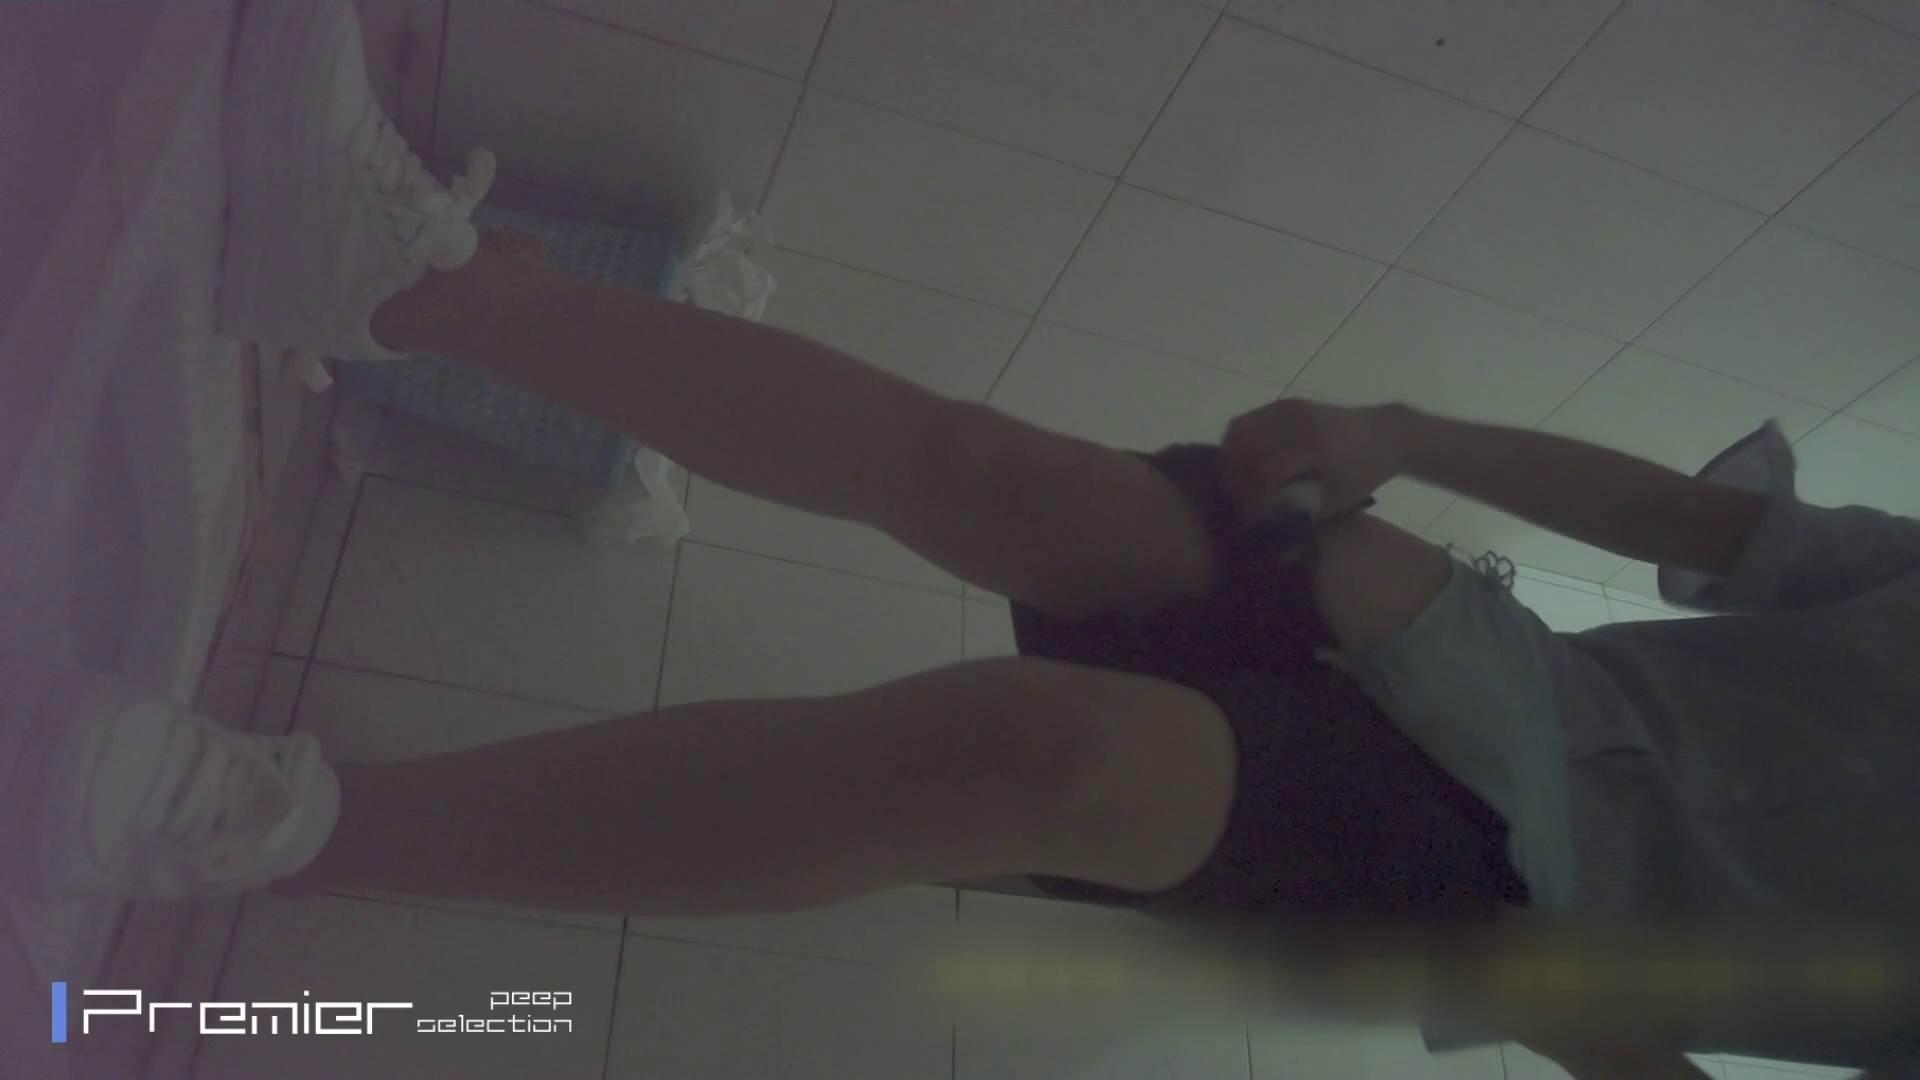 トイレシーンを密着盗撮!! 美女の痴態に密着!Vol.31 エッチすぎる美女 盗撮動画紹介 22連発 3